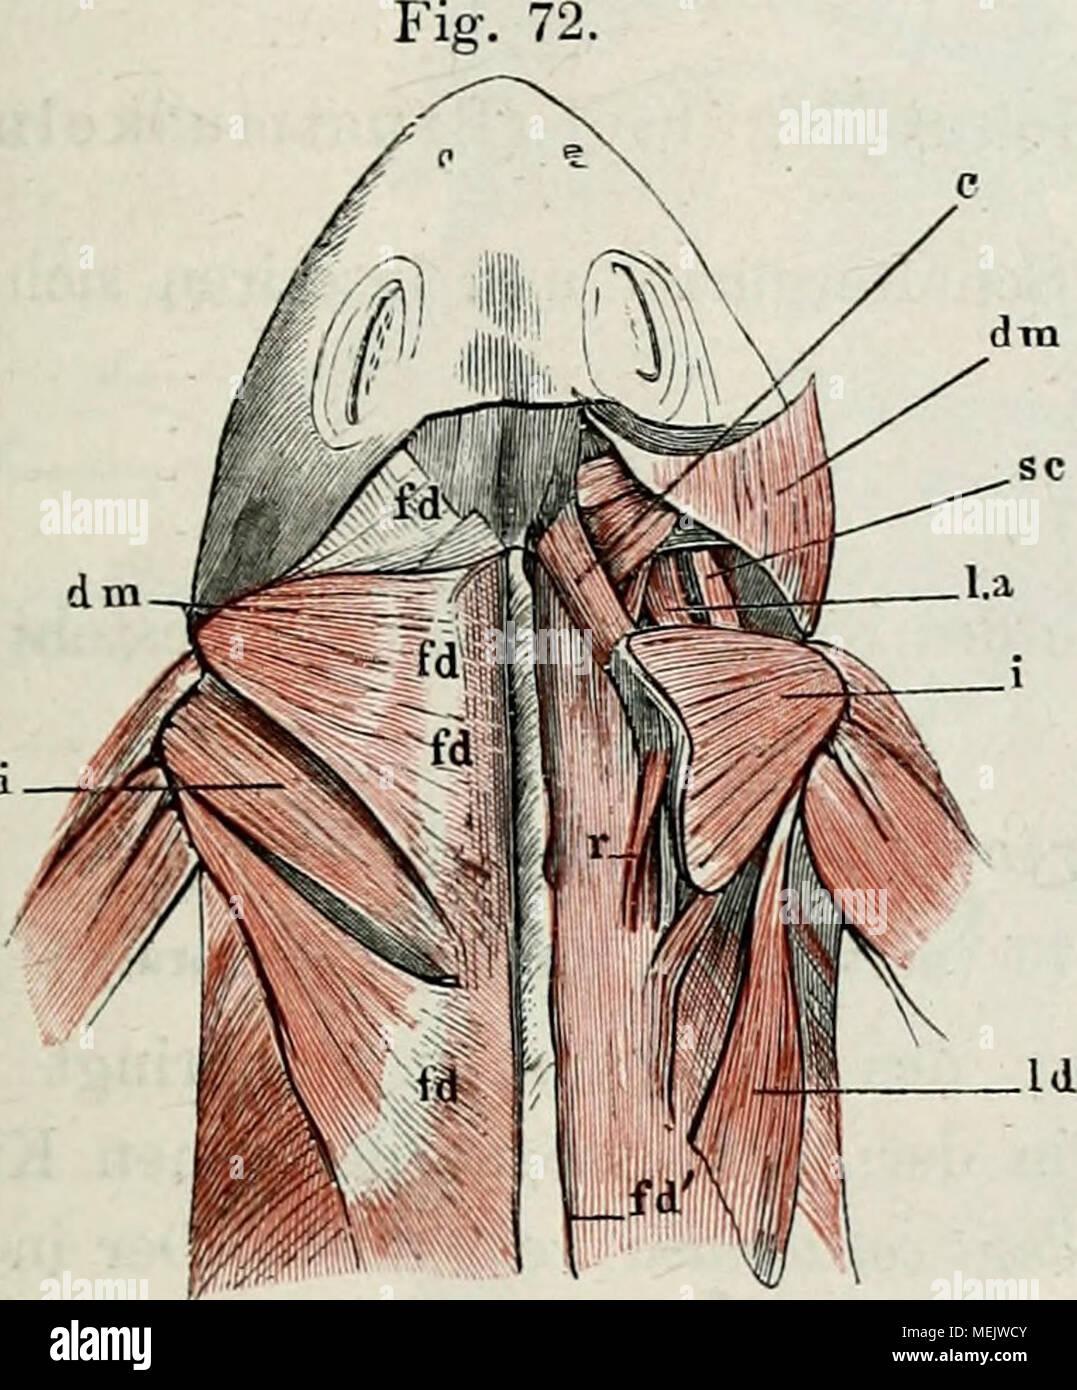 Großartig Was Bedeutet Rücken In Der Anatomie Fotos - Menschliche ...